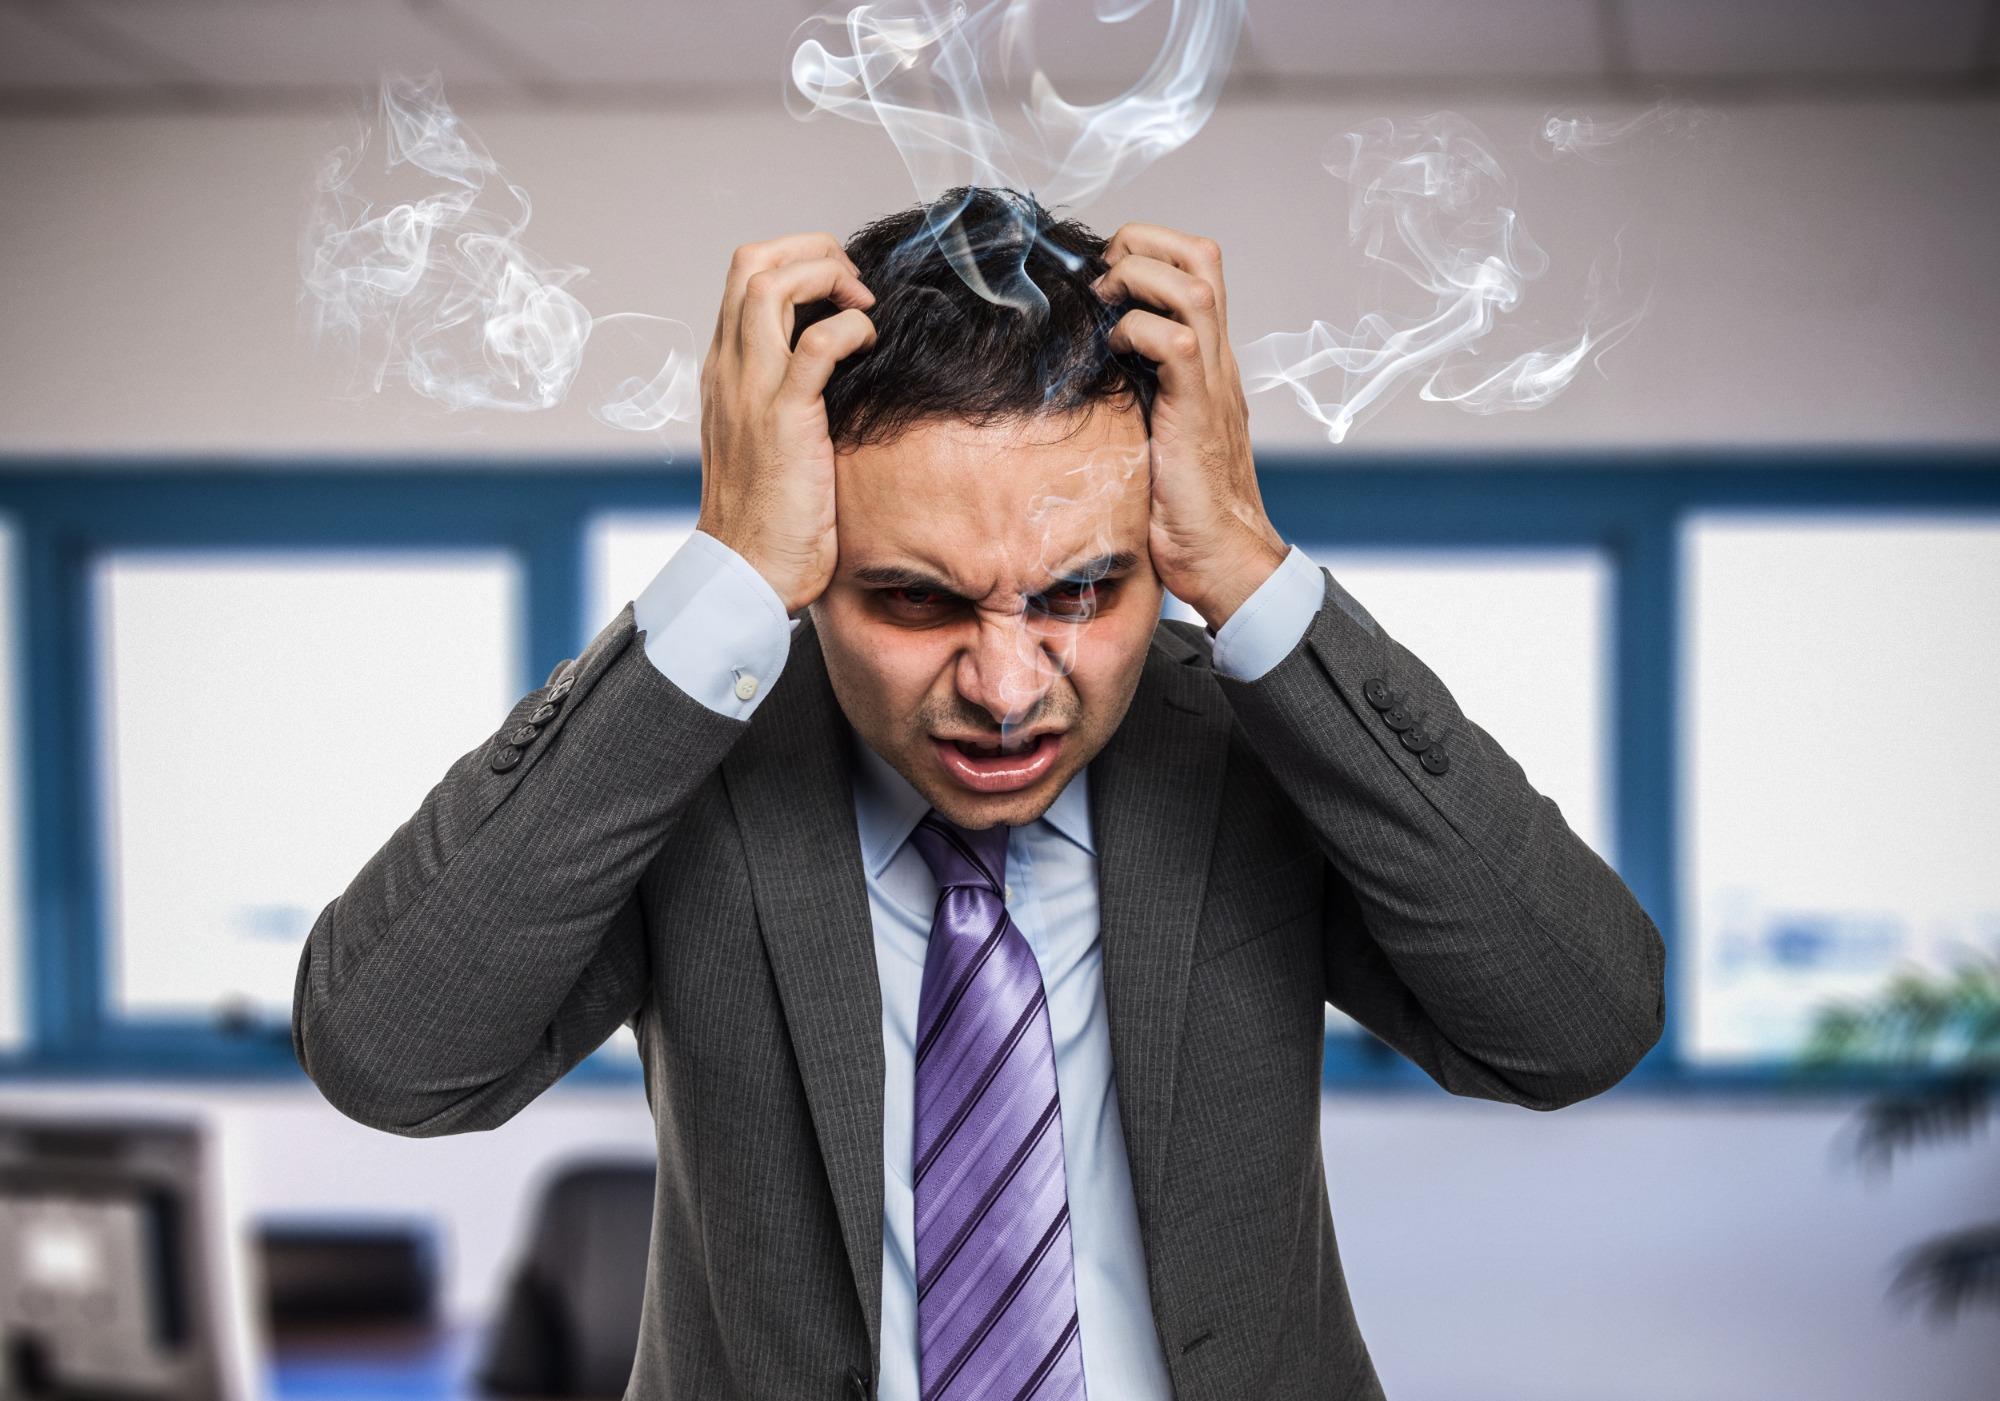 Terugval tijdens het stoppen met roken, hoe voorkom je dit?